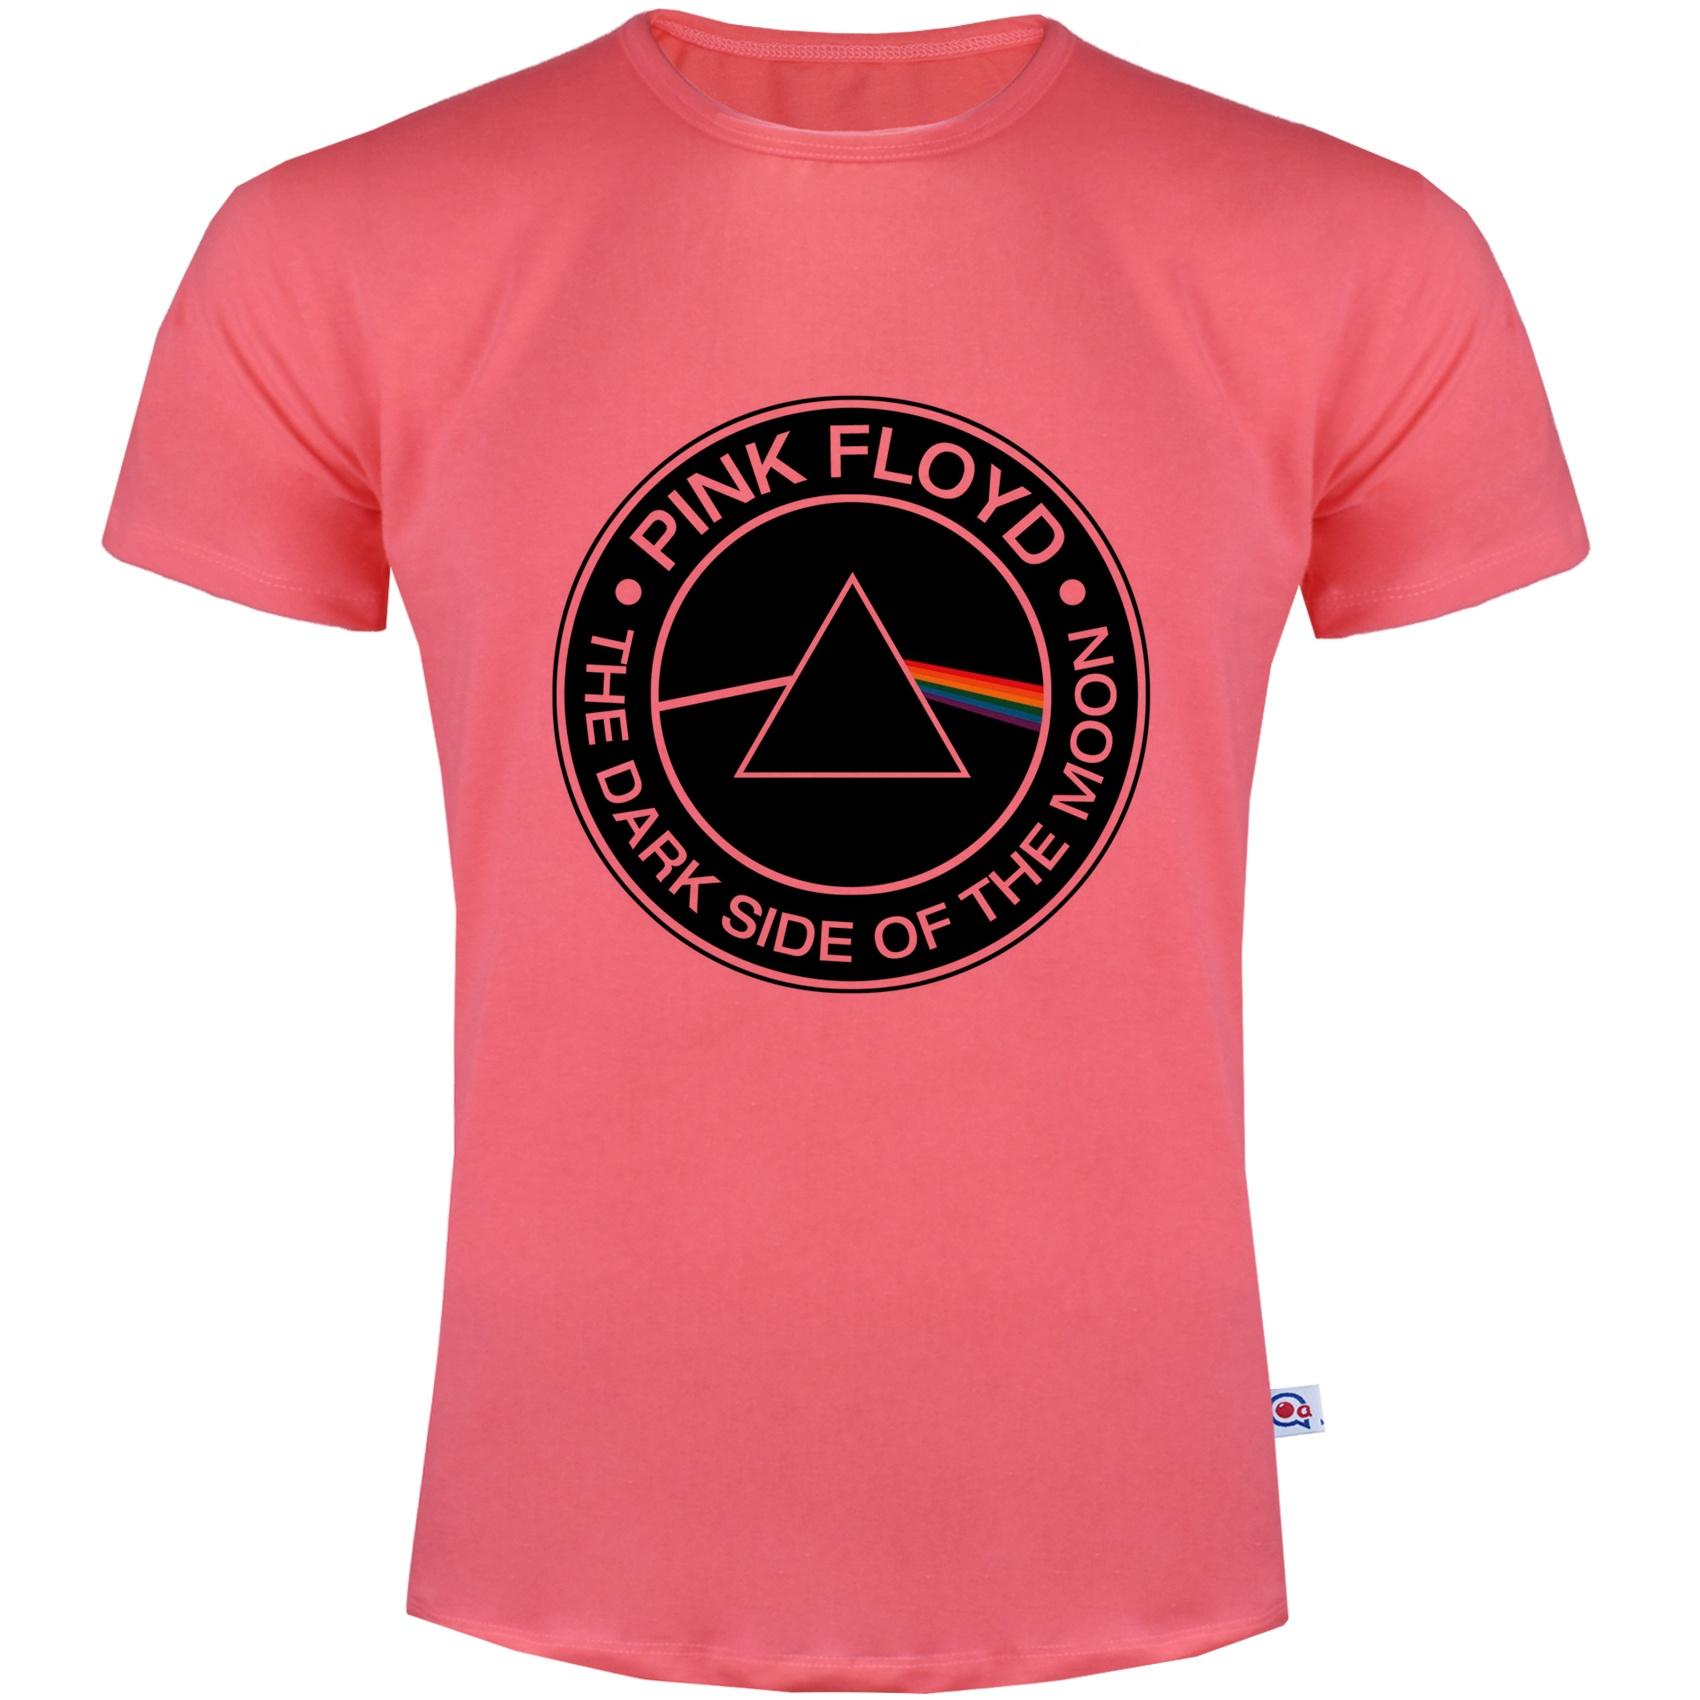 تی شرت مردانه آکو طرح پینک فلوید کد SG60